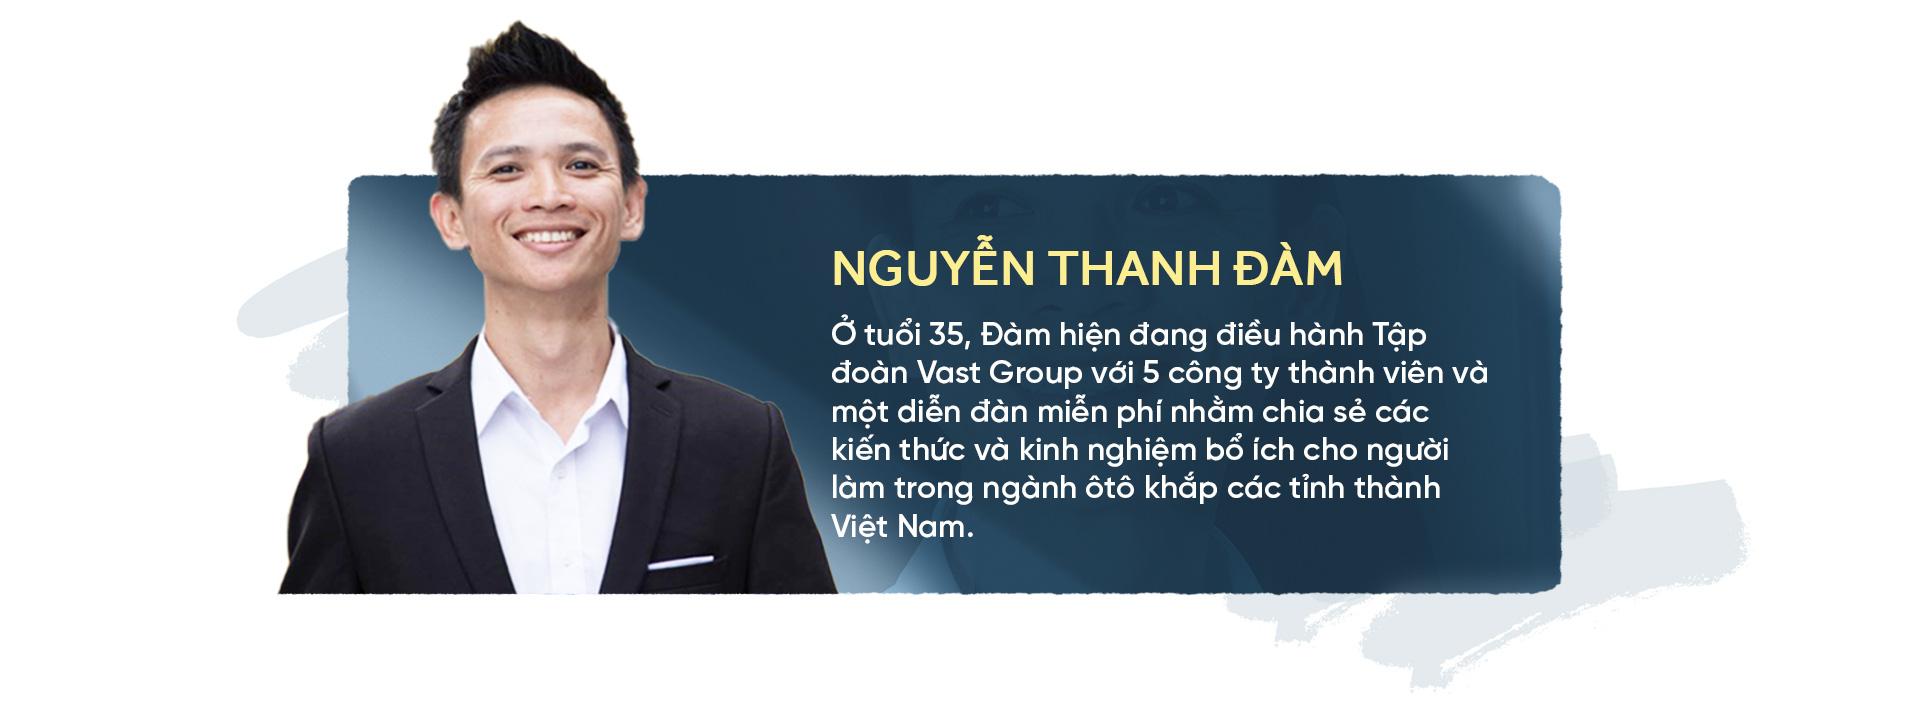 Nguyễn Thanh Đàm: Ở tận cùng đớn đau, là hi vọng - Ảnh 1.